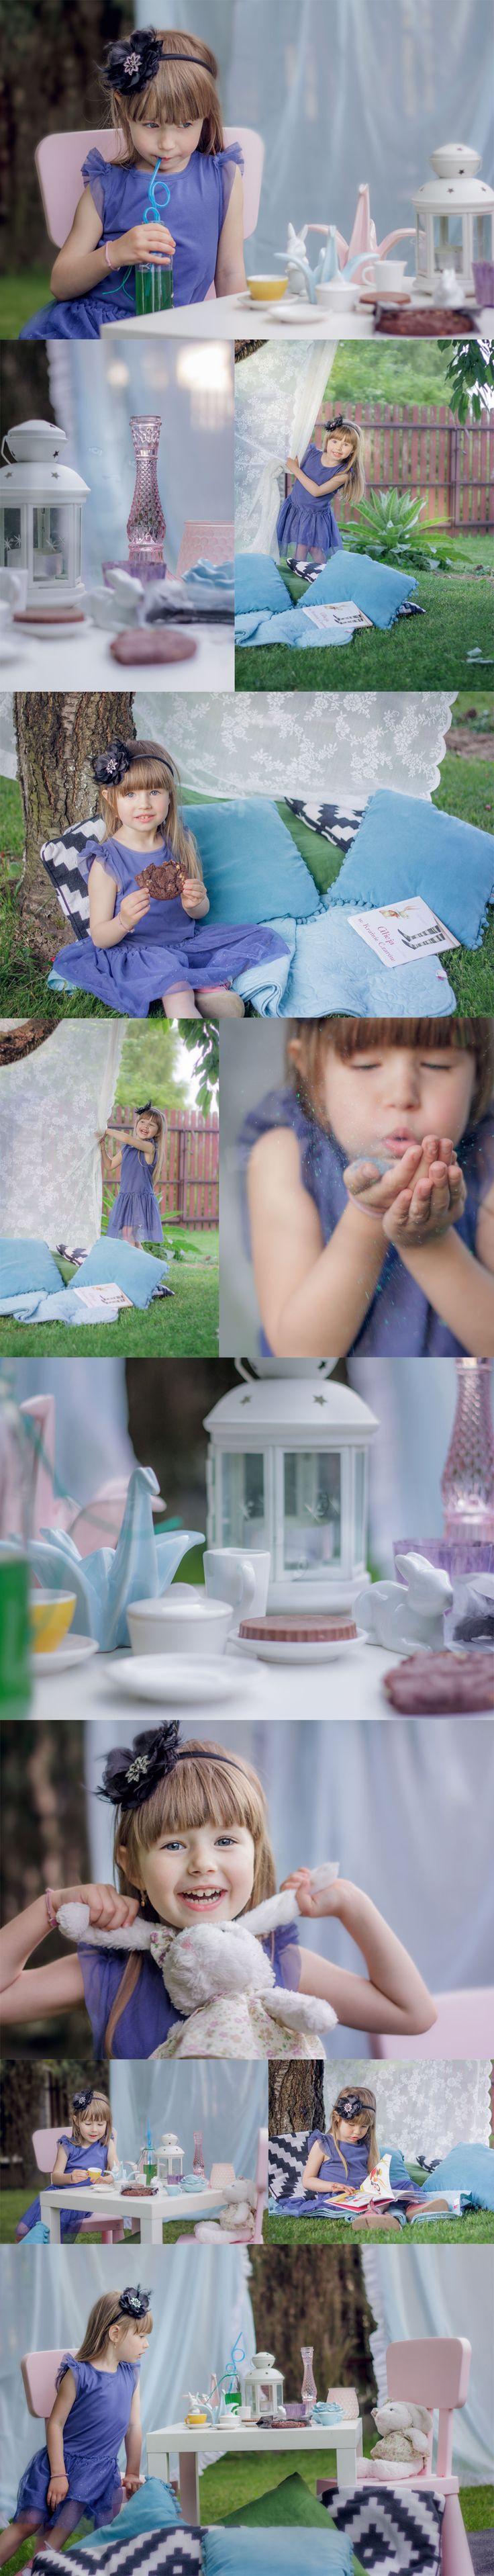 Alicja w krainie czarów   http://krysiasudol.pl/sesja/alicja-w-krainie-czarow/ Alicia in Wonderland